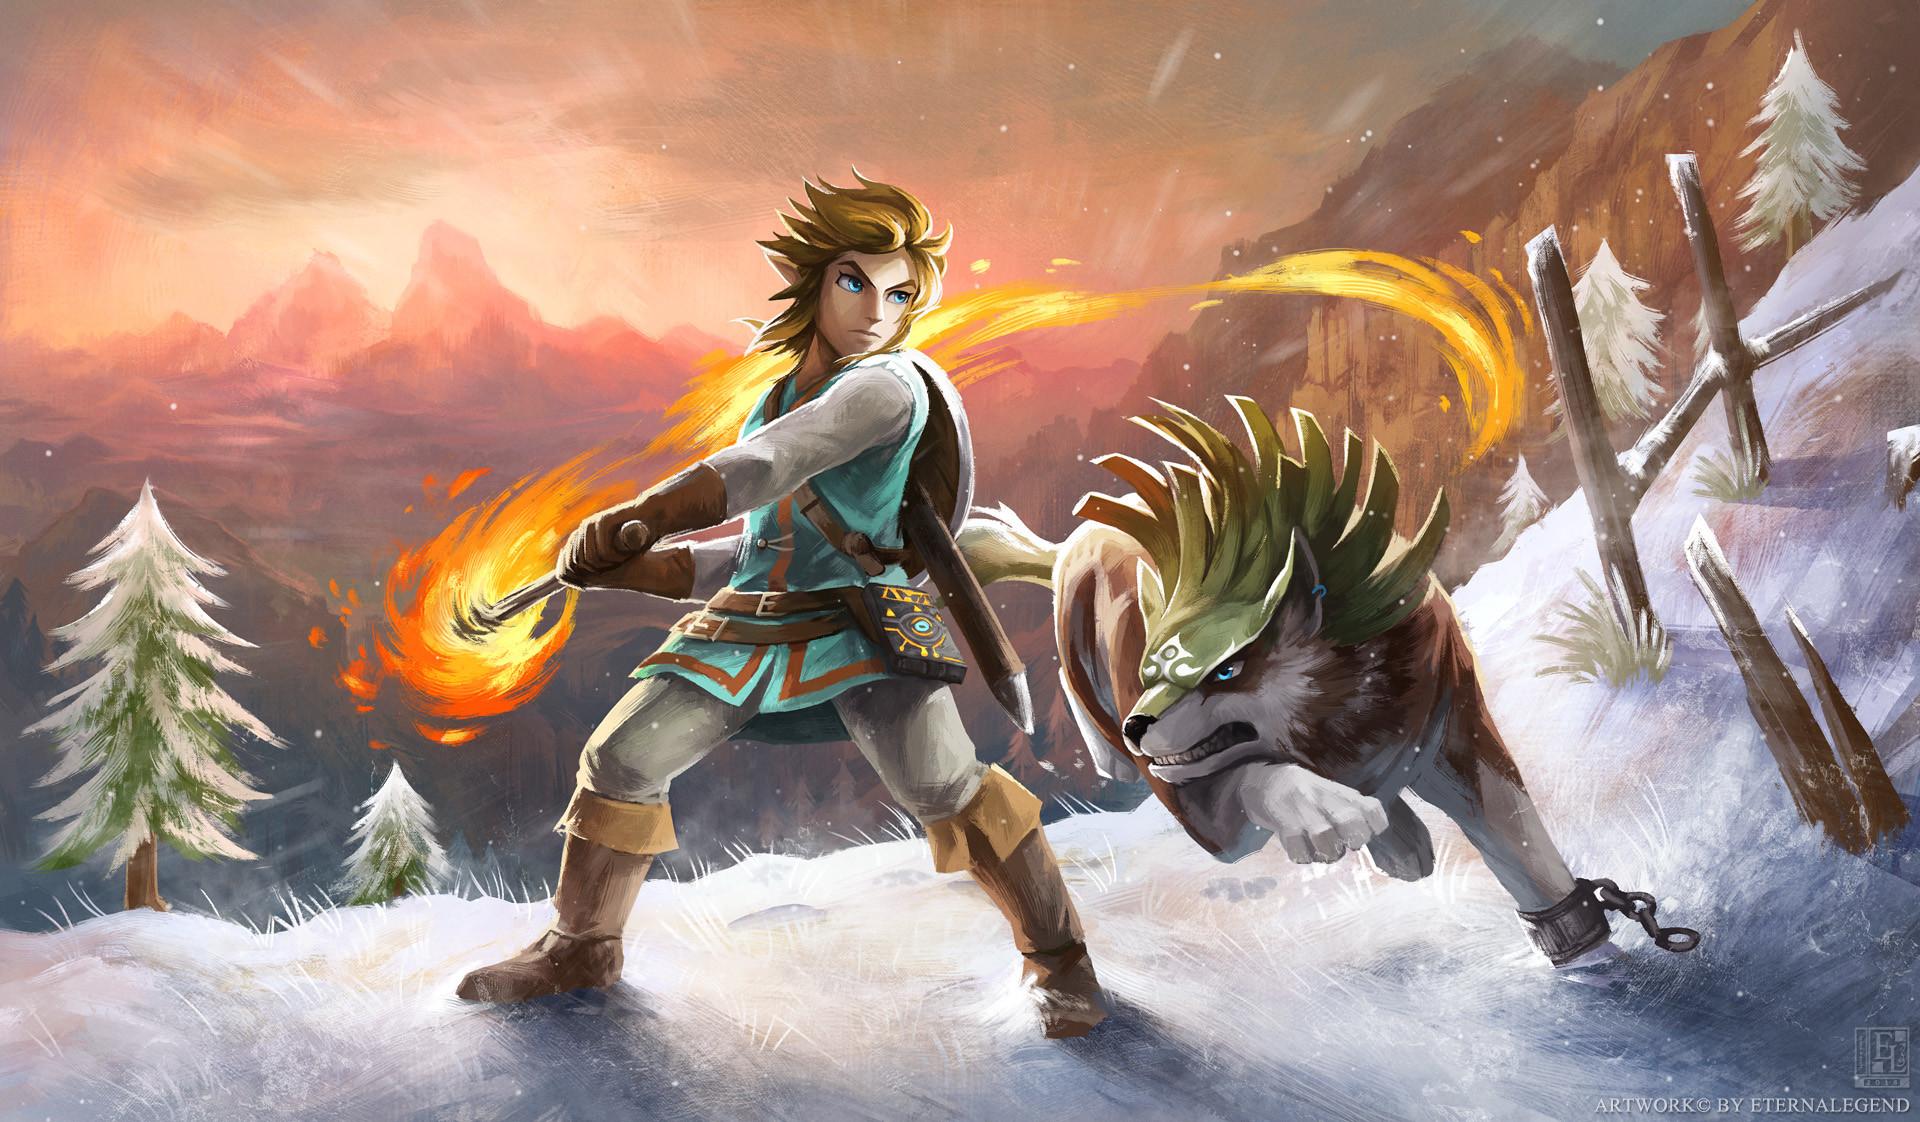 The Legend of Zelda Breath of the Wild Wallpapers ·① ...